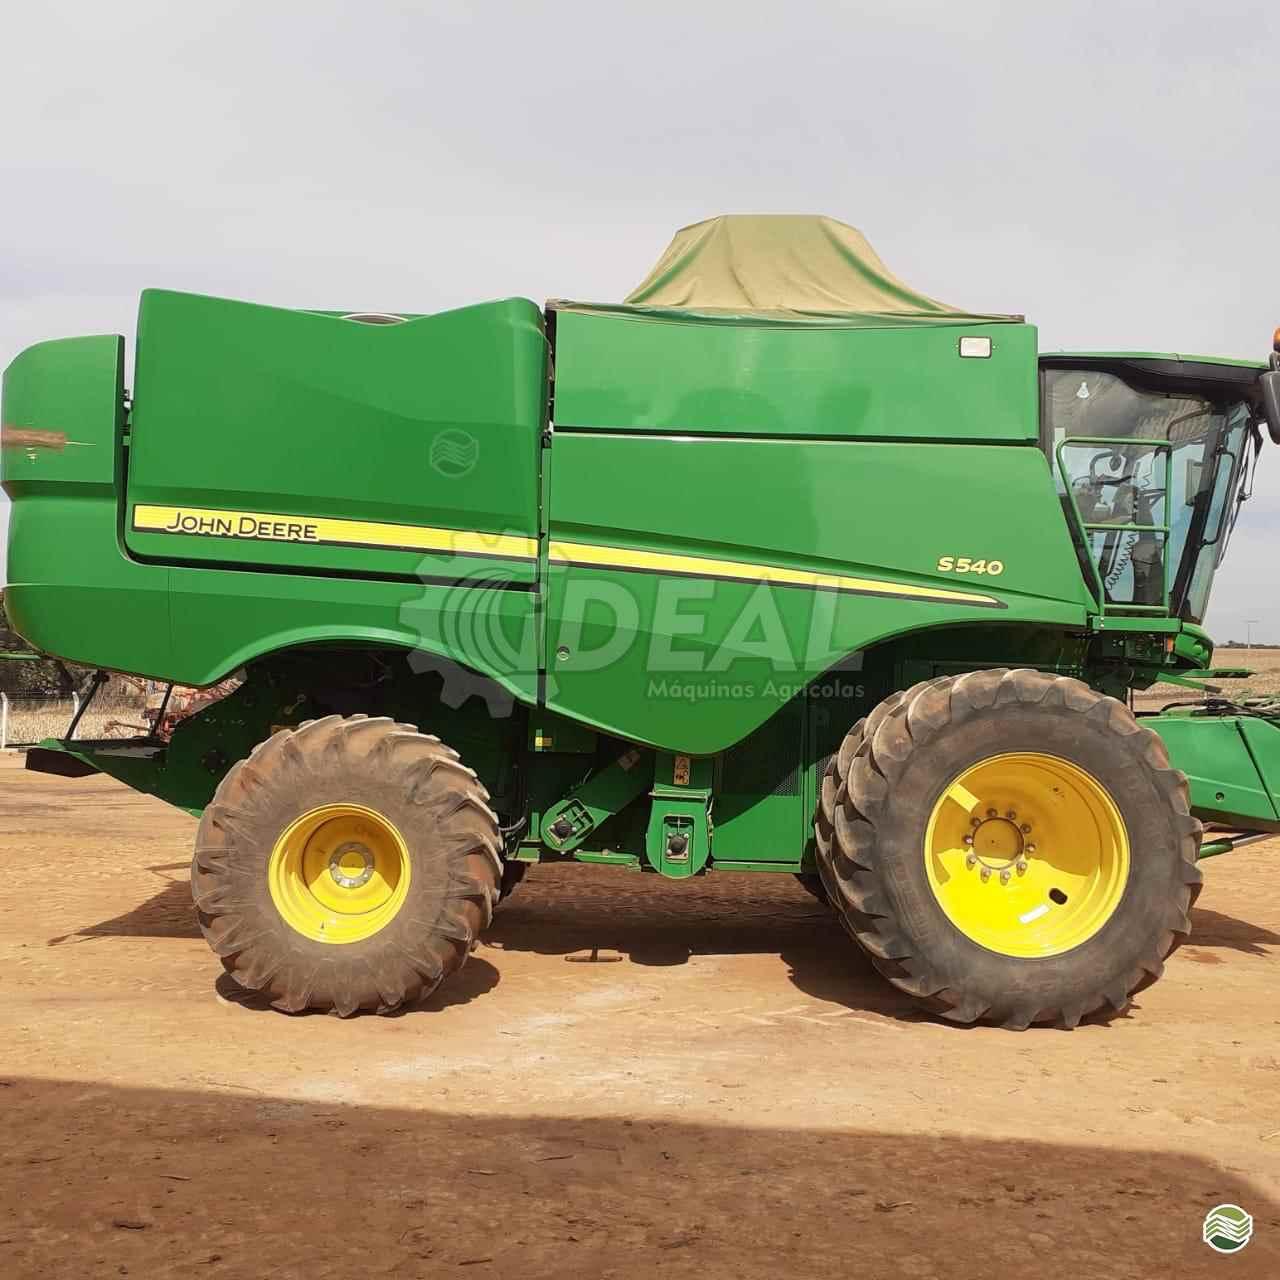 COLHEITADEIRA JOHN DEERE JOHN DEERE S540 Ideal Máquinas Agrícolas SAO GONCALO DO SAPUCAI MINAS GERAIS MG